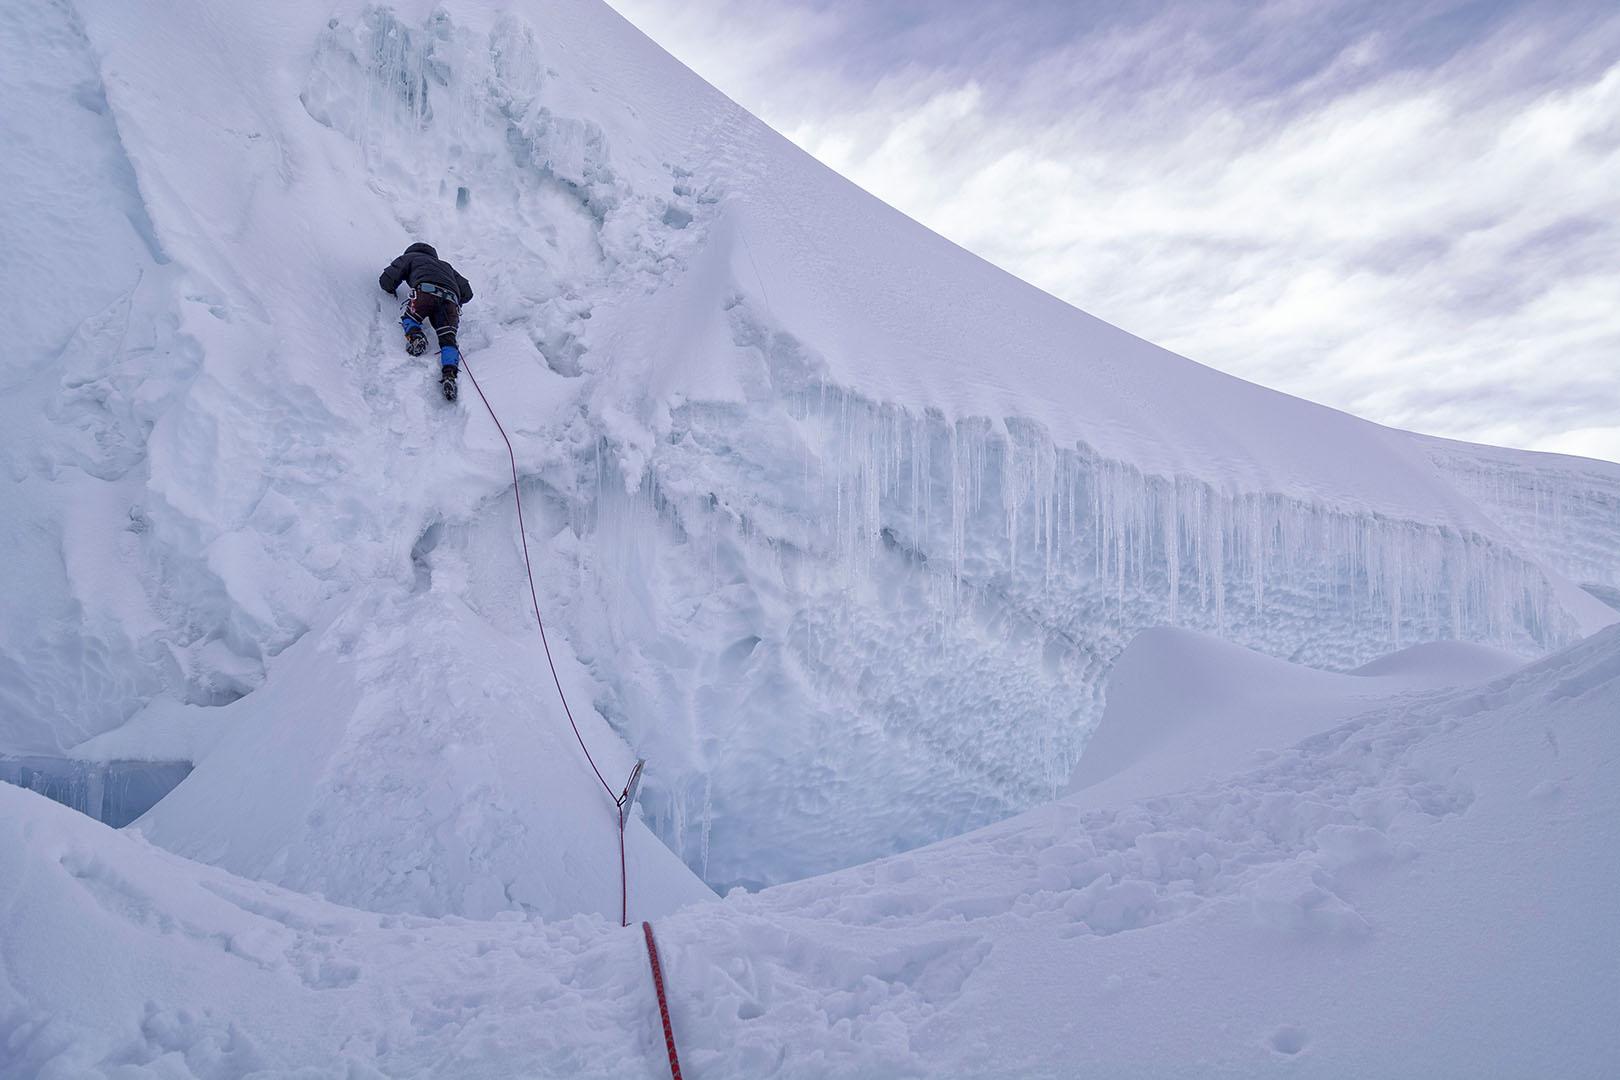 Descendiendo las murallas - Deportes y aventuras - Iñaki Larrea, Fotografía de naturaleza y montaña